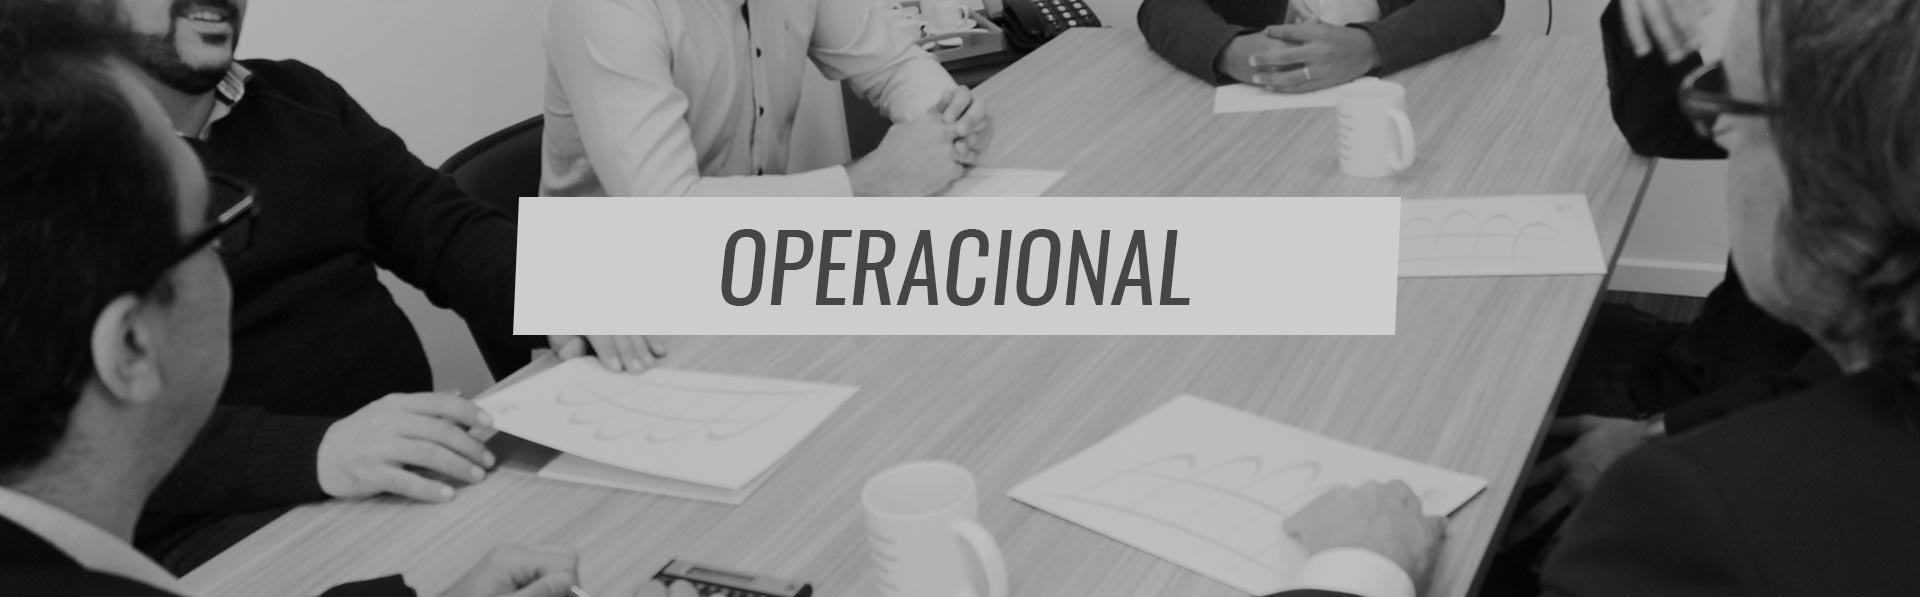 OPERACIONAL-RVK-NEGOCIOS